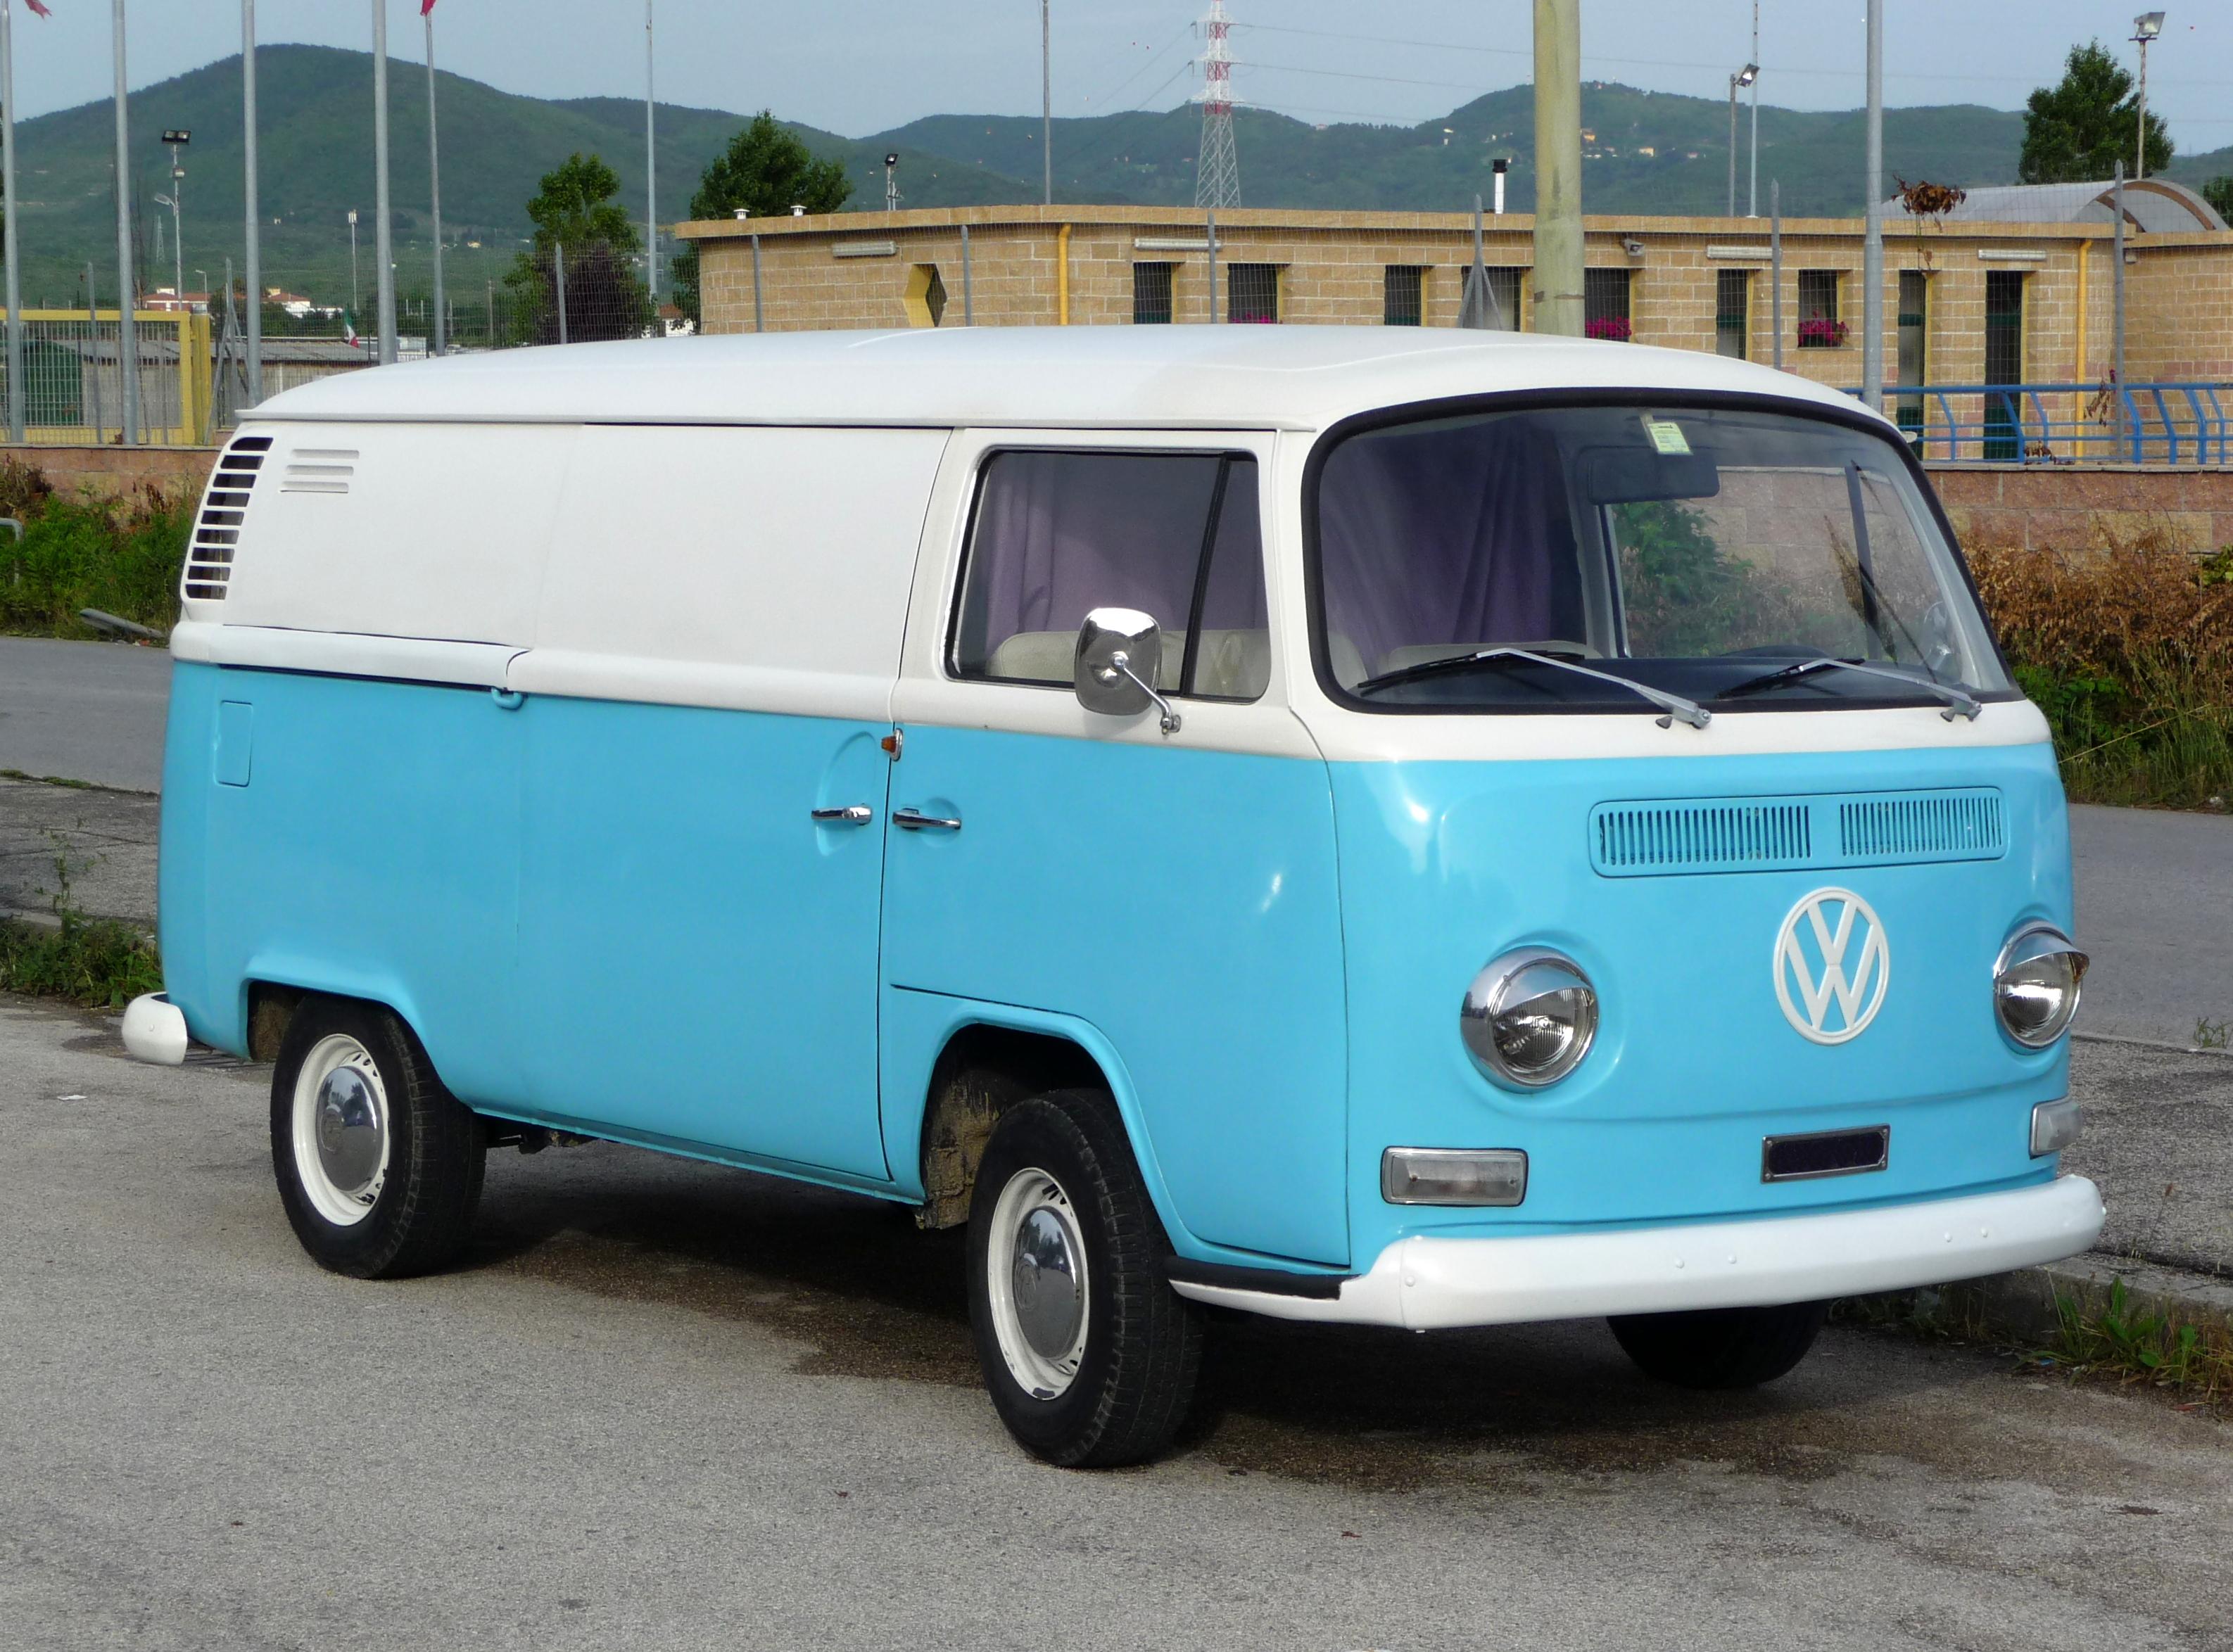 Volkswagen Blue Paint Dhx